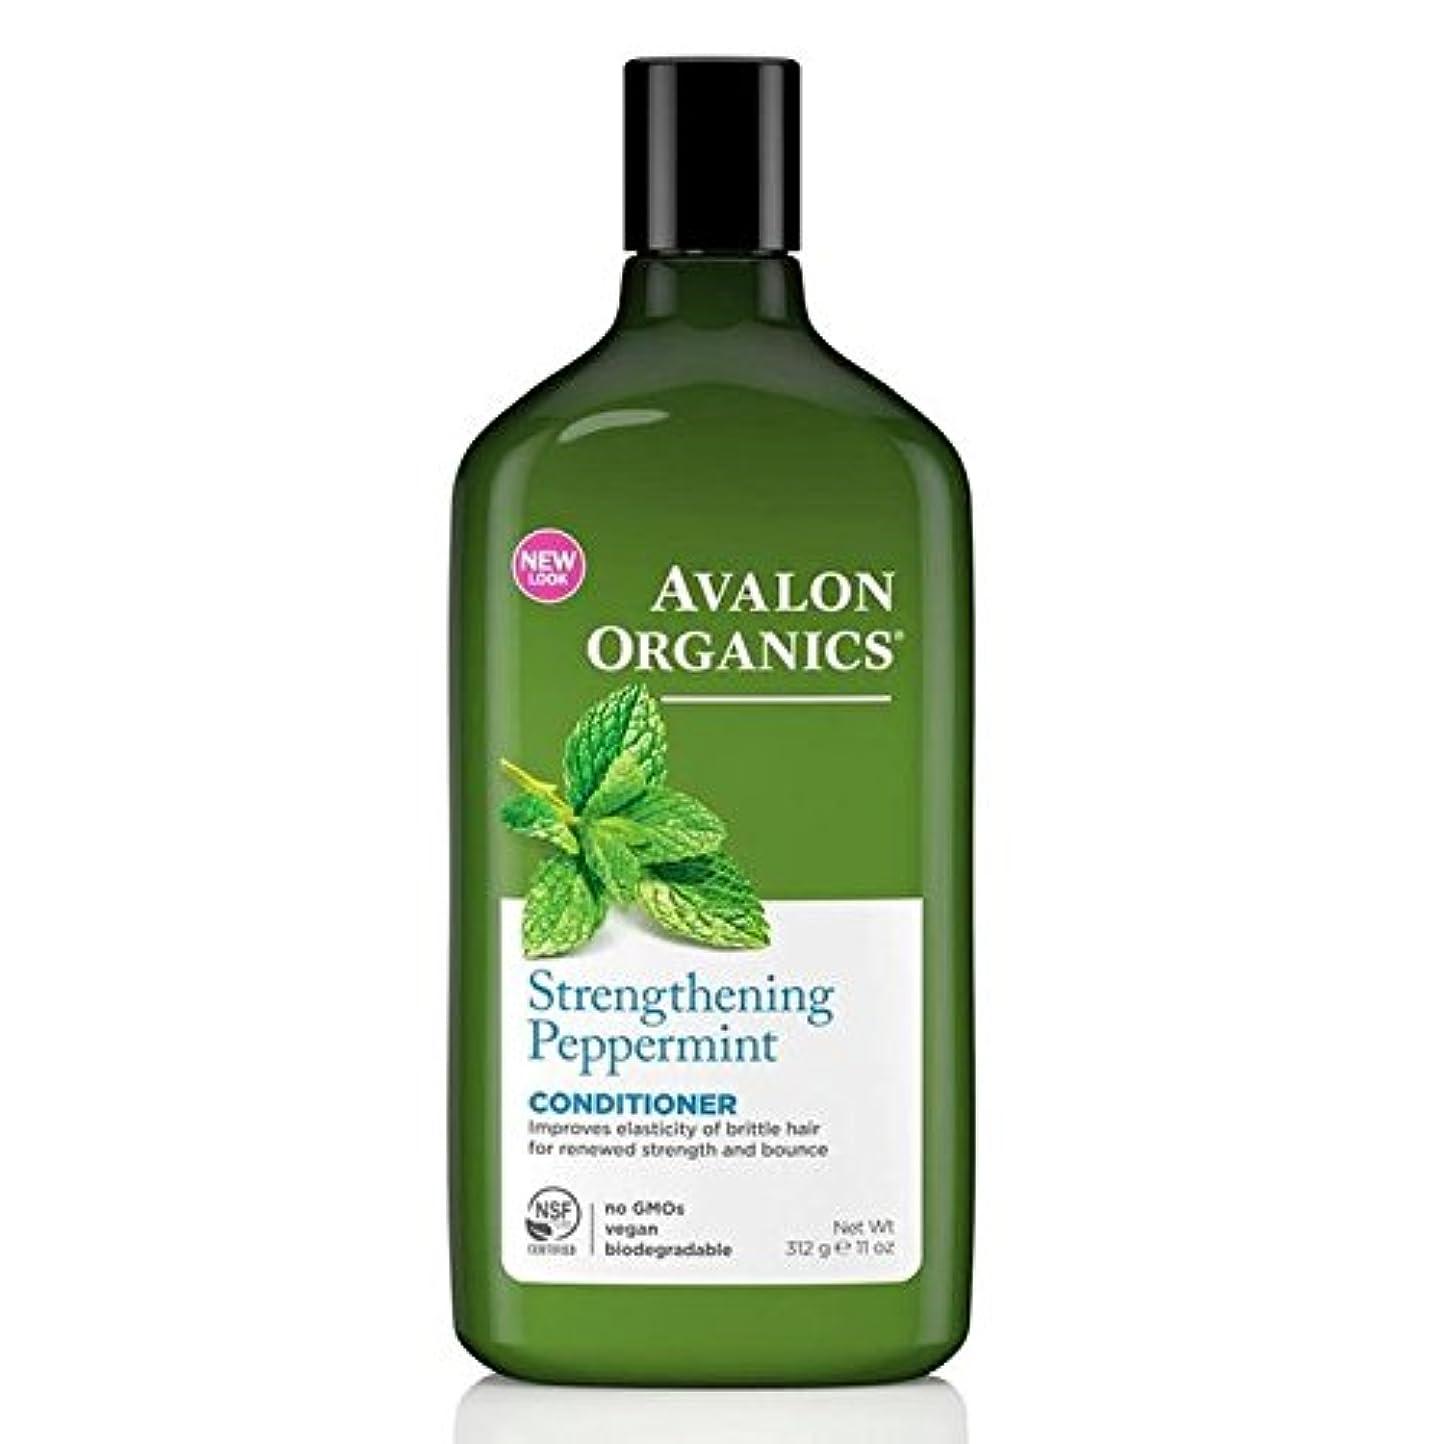 バンジョークラウド予想外Avalon Organics Peppermint Conditioner 325ml - (Avalon) ペパーミントコンディショナー325ミリリットル [並行輸入品]